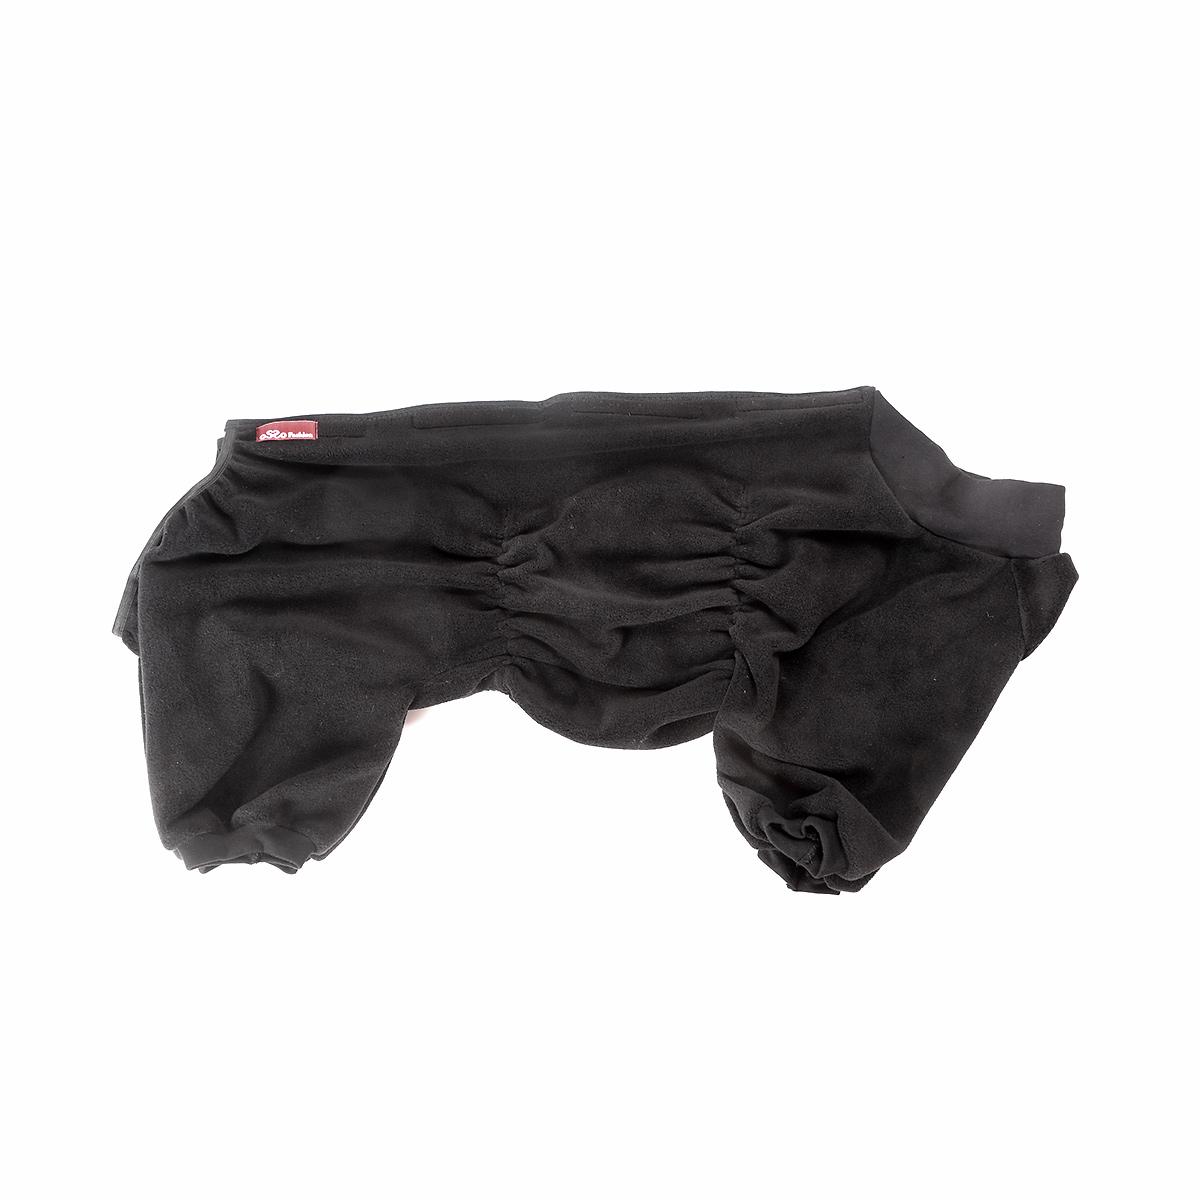 Комбинезон для собак Osso Fashion, для мальчика, цвет: графит. Размер 250120710Теплый, приятный на ощупь, эргономичный флисовый комбинезон на липучках. Комфортная посадка по корпусу достигается за счет резинок-утяжек под грудью и животом. На воротнике имеются завязки, для дополнительной фиксации Можно носить самостоятельно и как поддевку под комбинезон для собак на грязь.Отлично стирается, быстро сохнет.